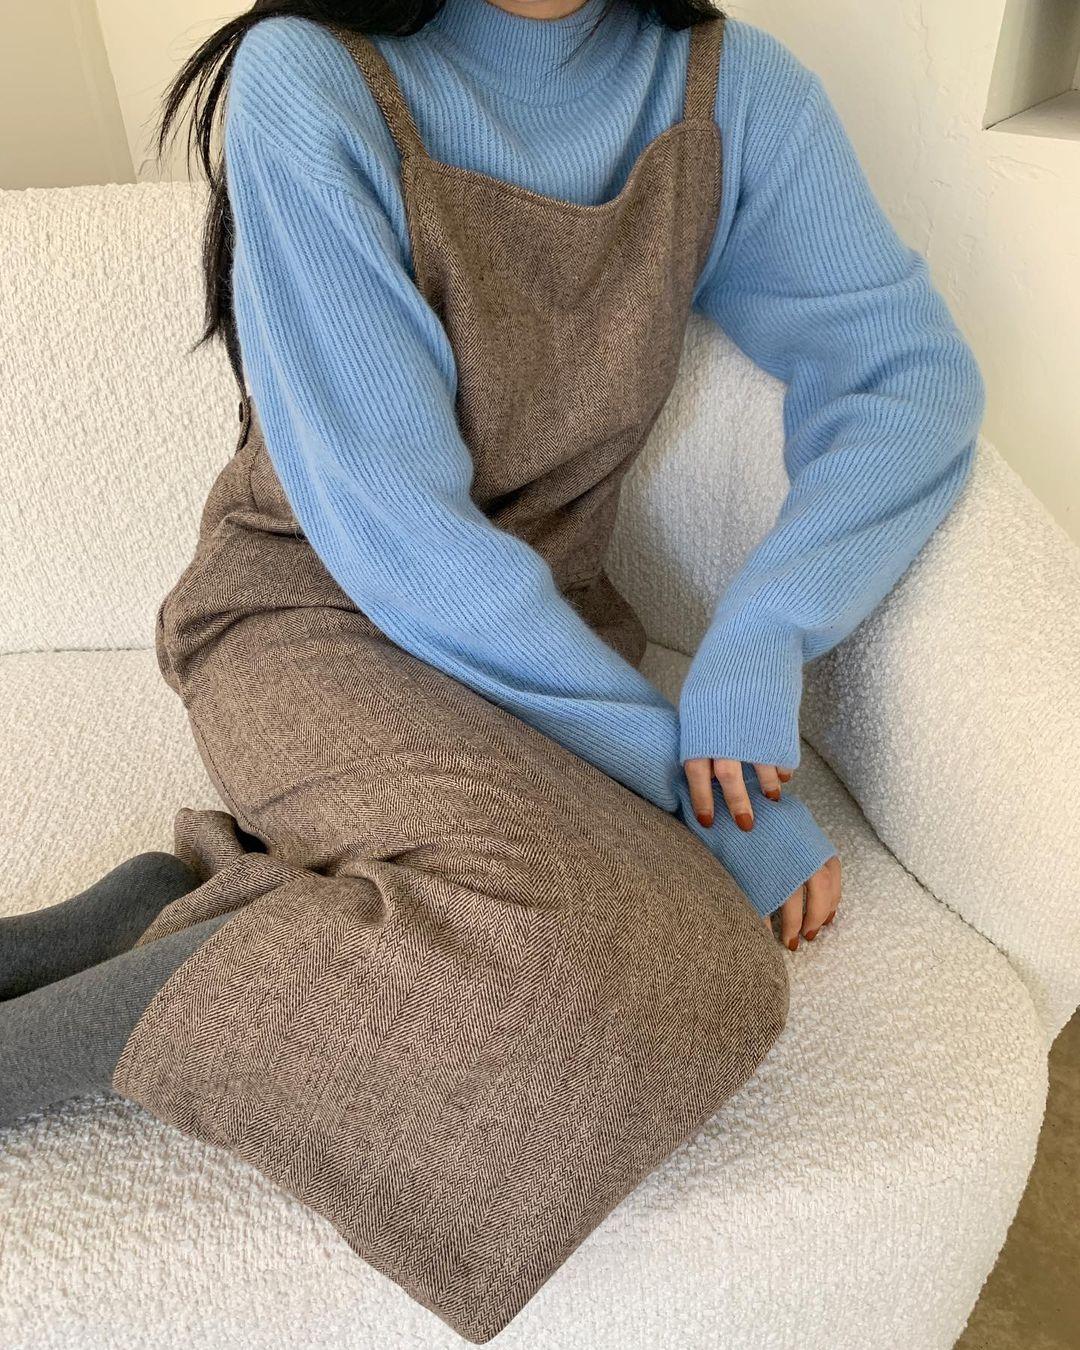 6 cách phối áo len cho mùa Đông không lạnh, có những món đồ còn được tận dụng từ mùa Hè nữa đấy! - Ảnh 9.